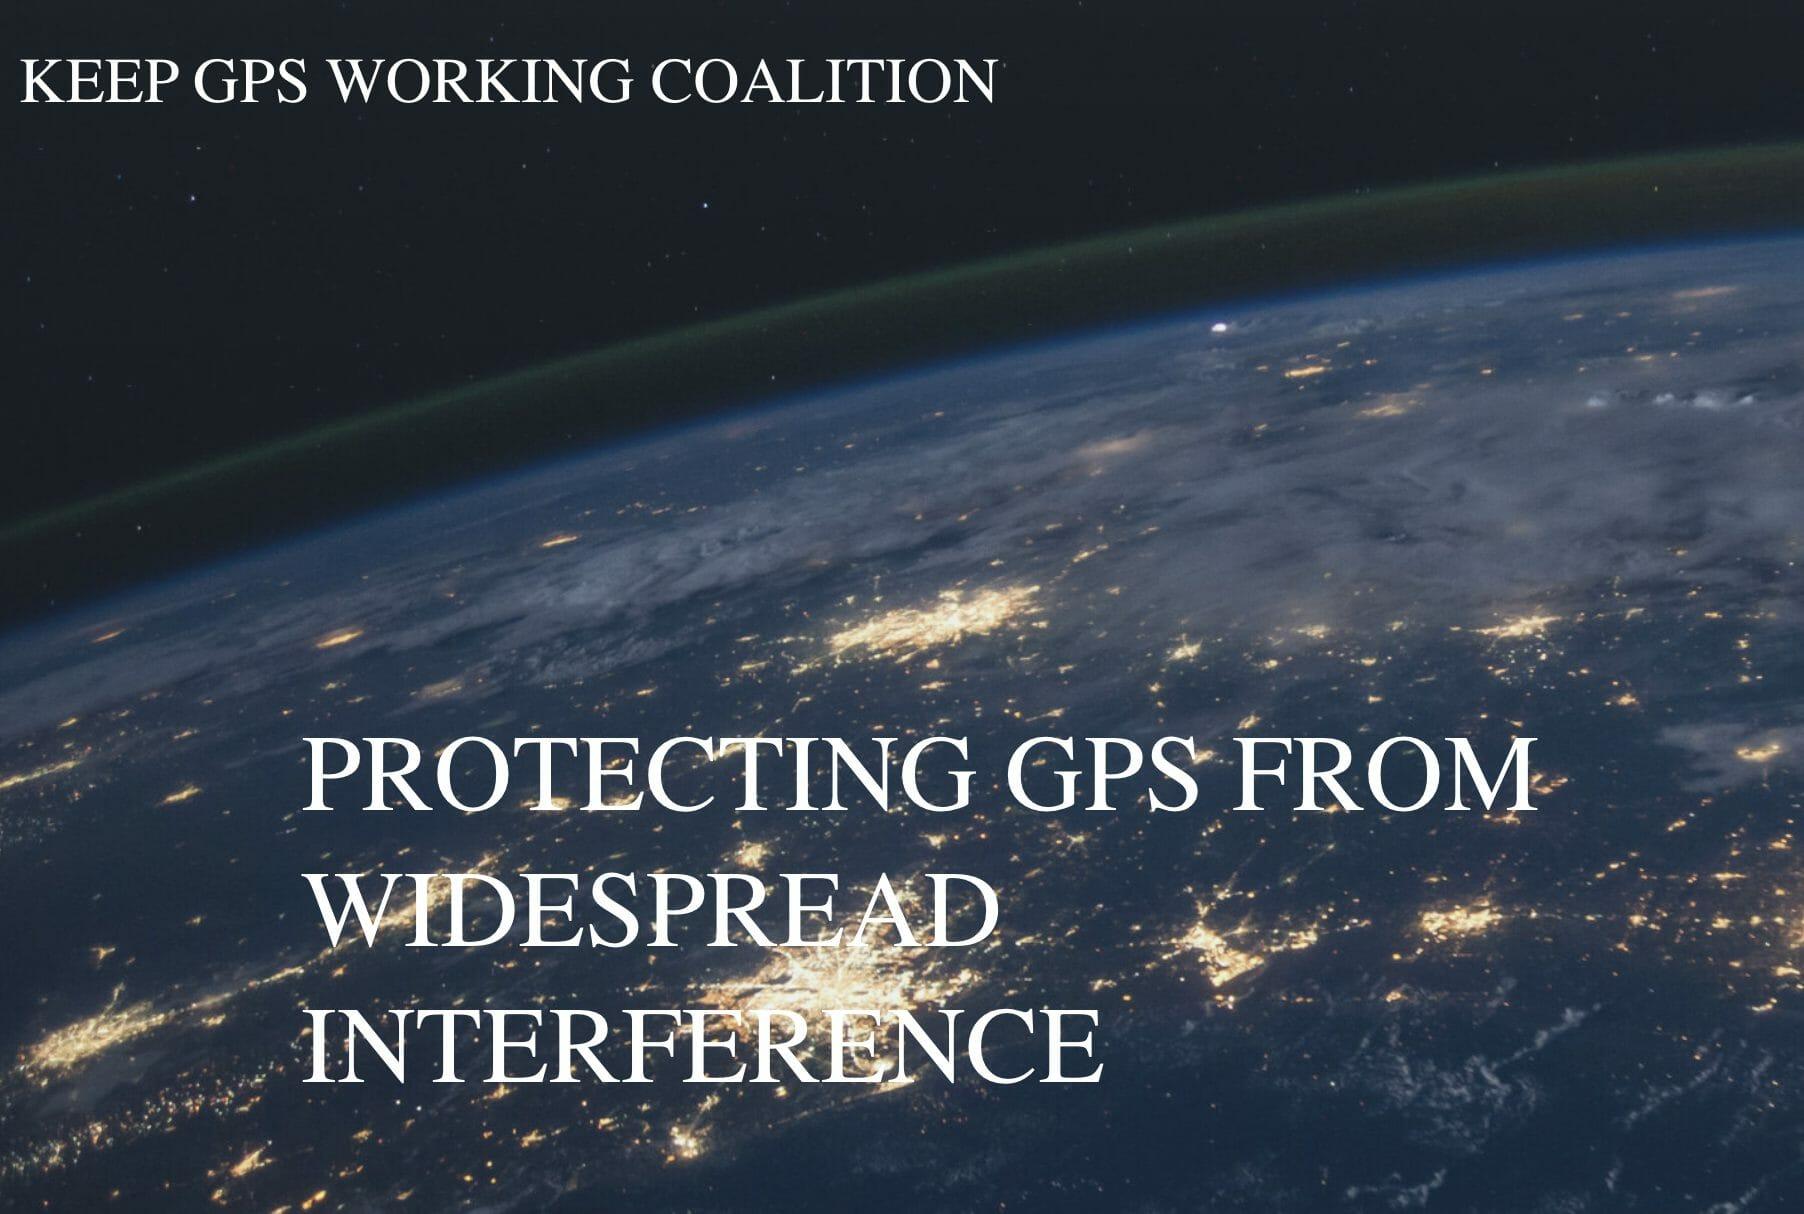 Keep GPS Working